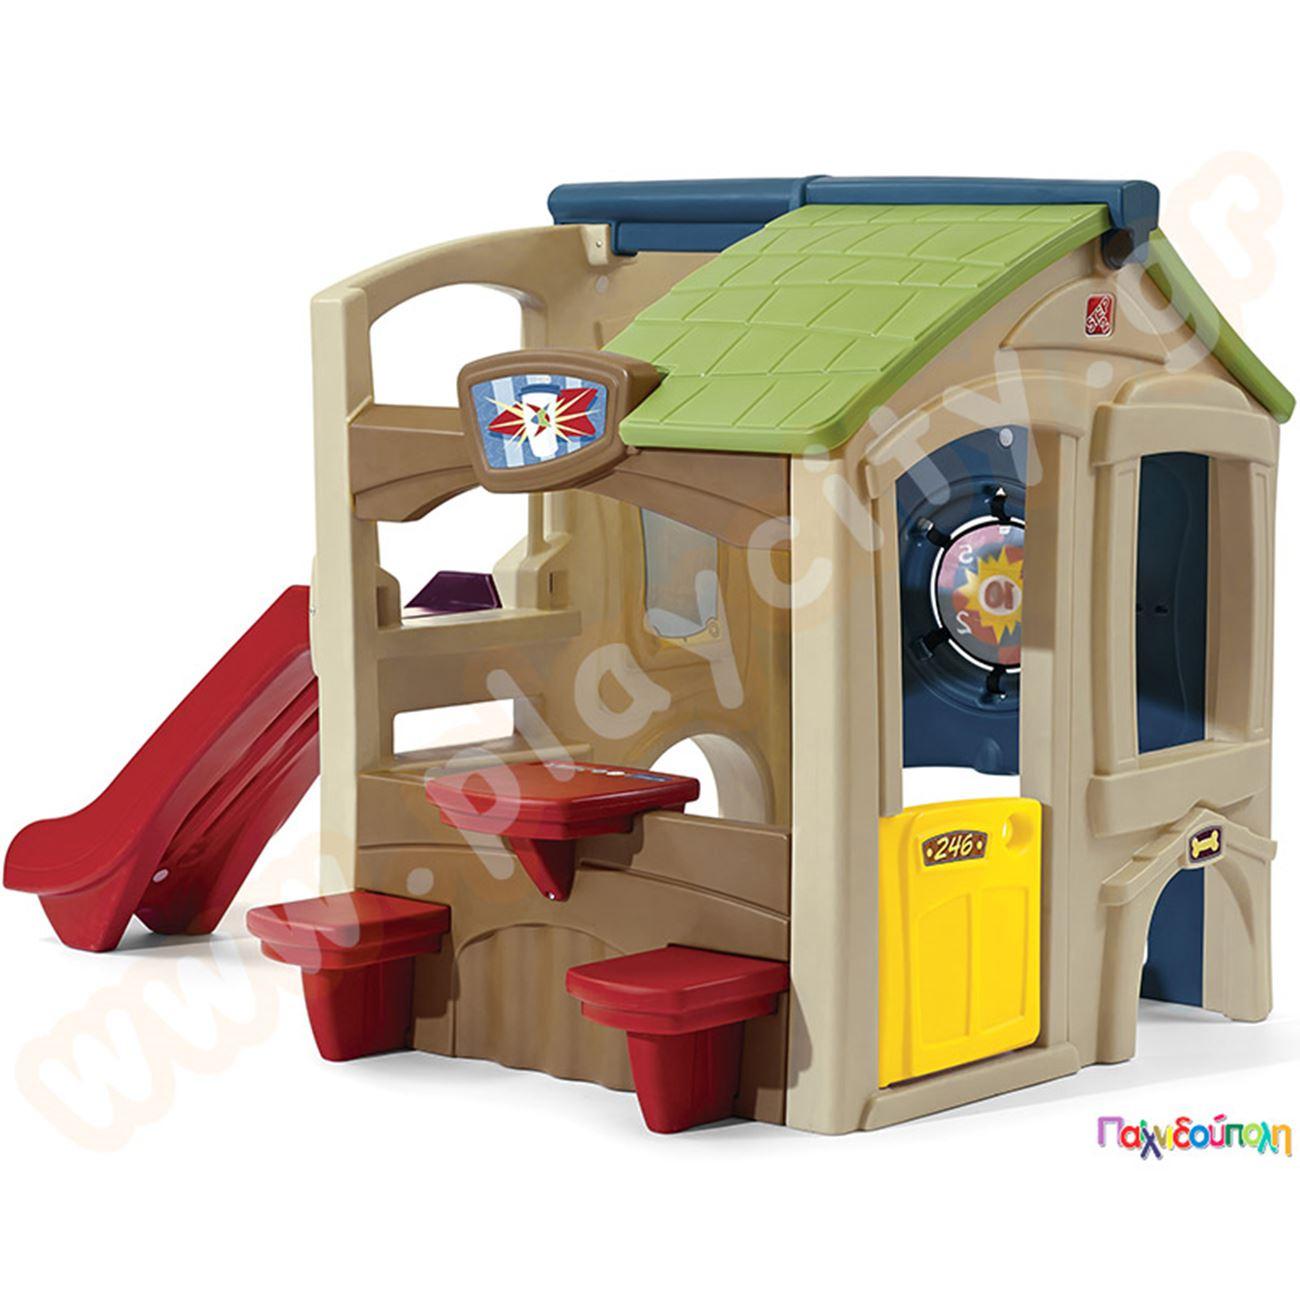 0a9775550819 The Step2 Company Παιδικό Σπιτάκι με Δραστηριότητες Fun Center Step2 ...